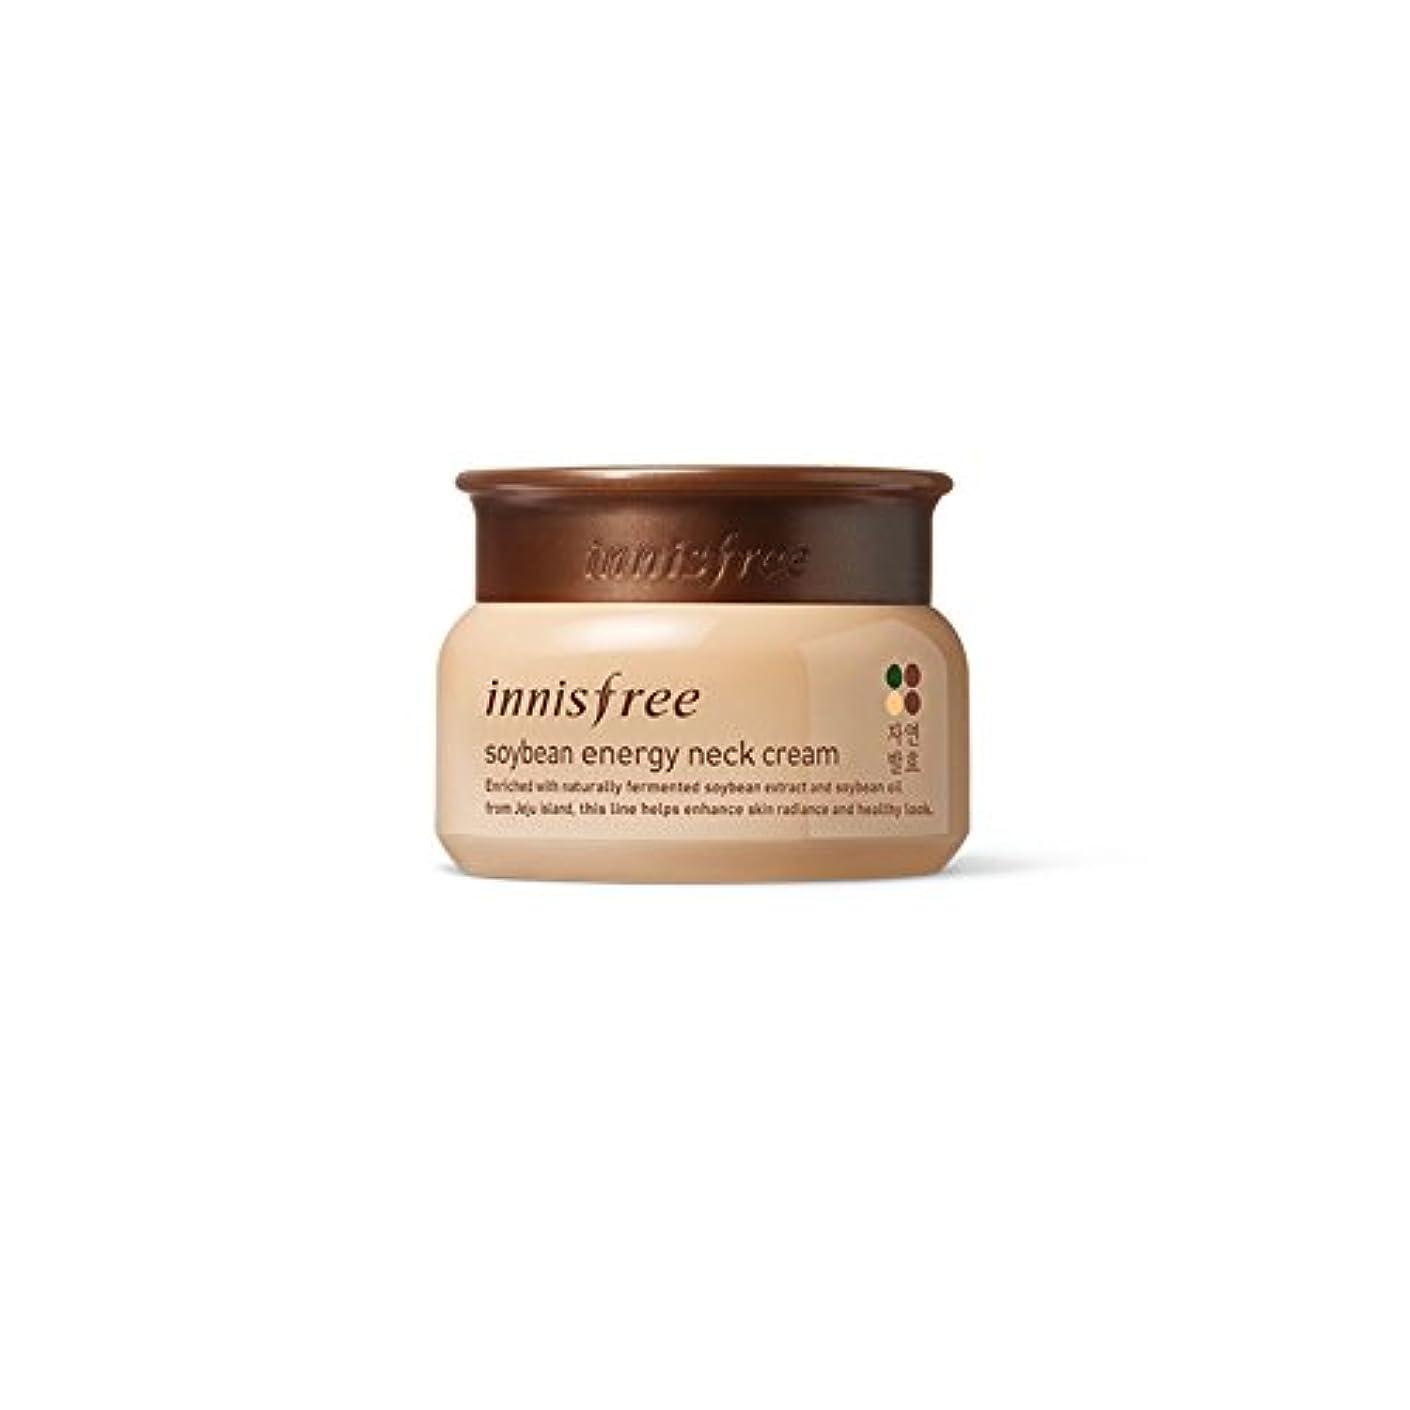 コマースなくなる地元[イニスフリー] Innisfree 発酵大豆エネジネッククリーム (80ml) Innisfree Soy Bean Energy Neck Cream (80ml) [海外直送品]